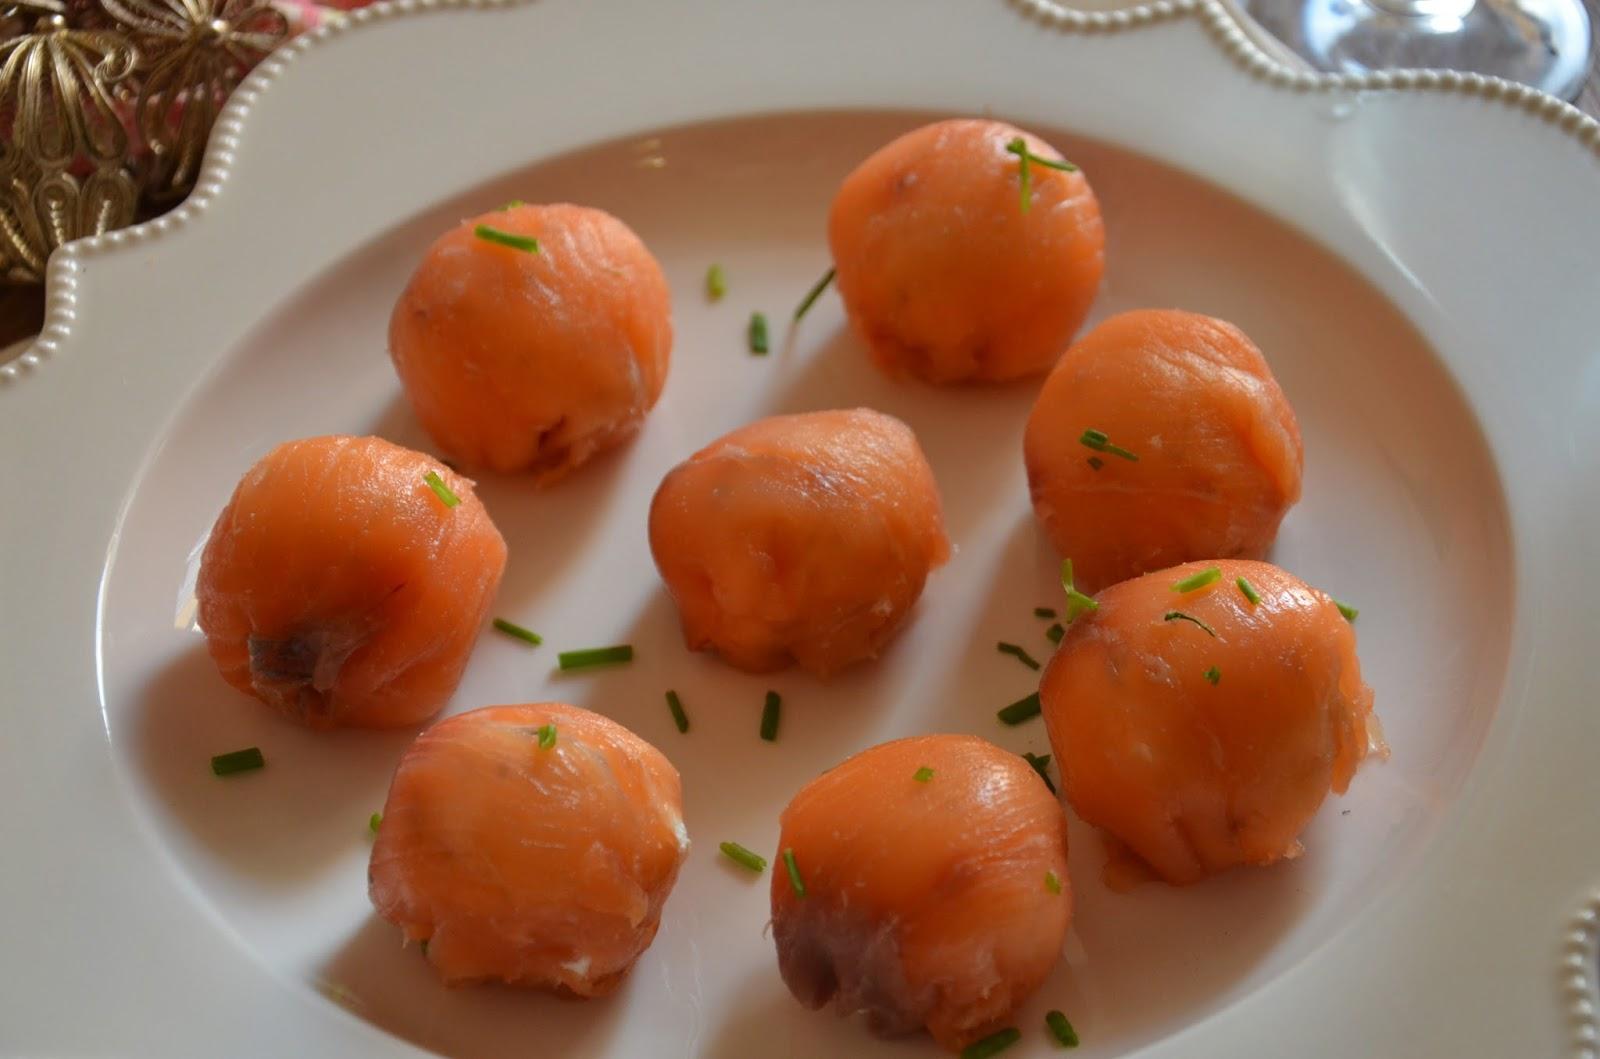 Bocaditos de salm n y queso fresco aperitivo - Aperitivos de salmon ahumado ...